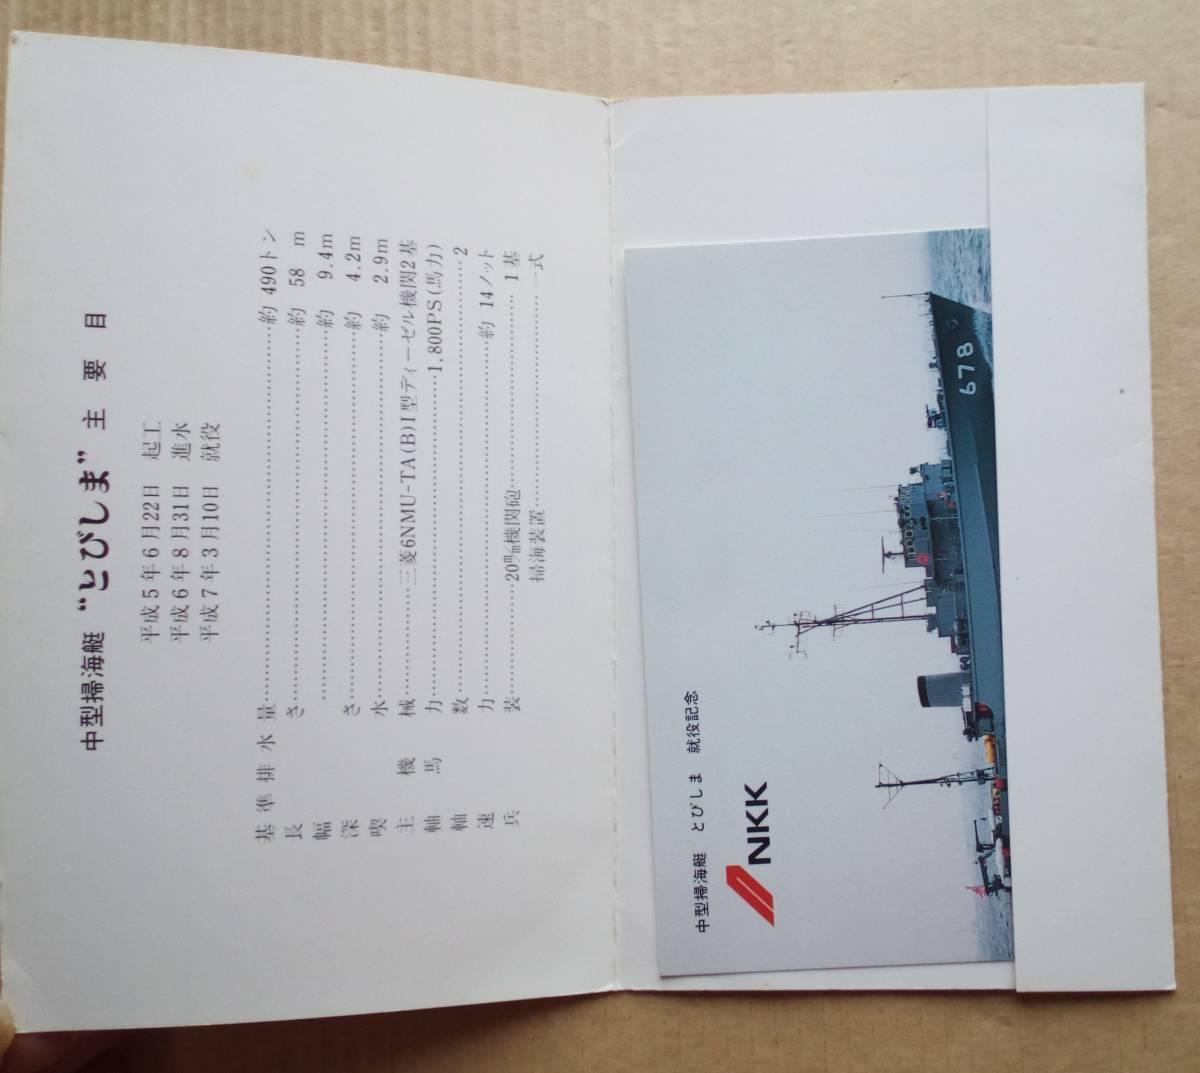 中型掃海艇とびしま 就役記念 海上自衛隊 平成7年3月10日 竣工 進水 完工式 絵葉書 ポストカード 護衛艦 潜水艦 掃海艦 日本鋼管 NKK_画像5